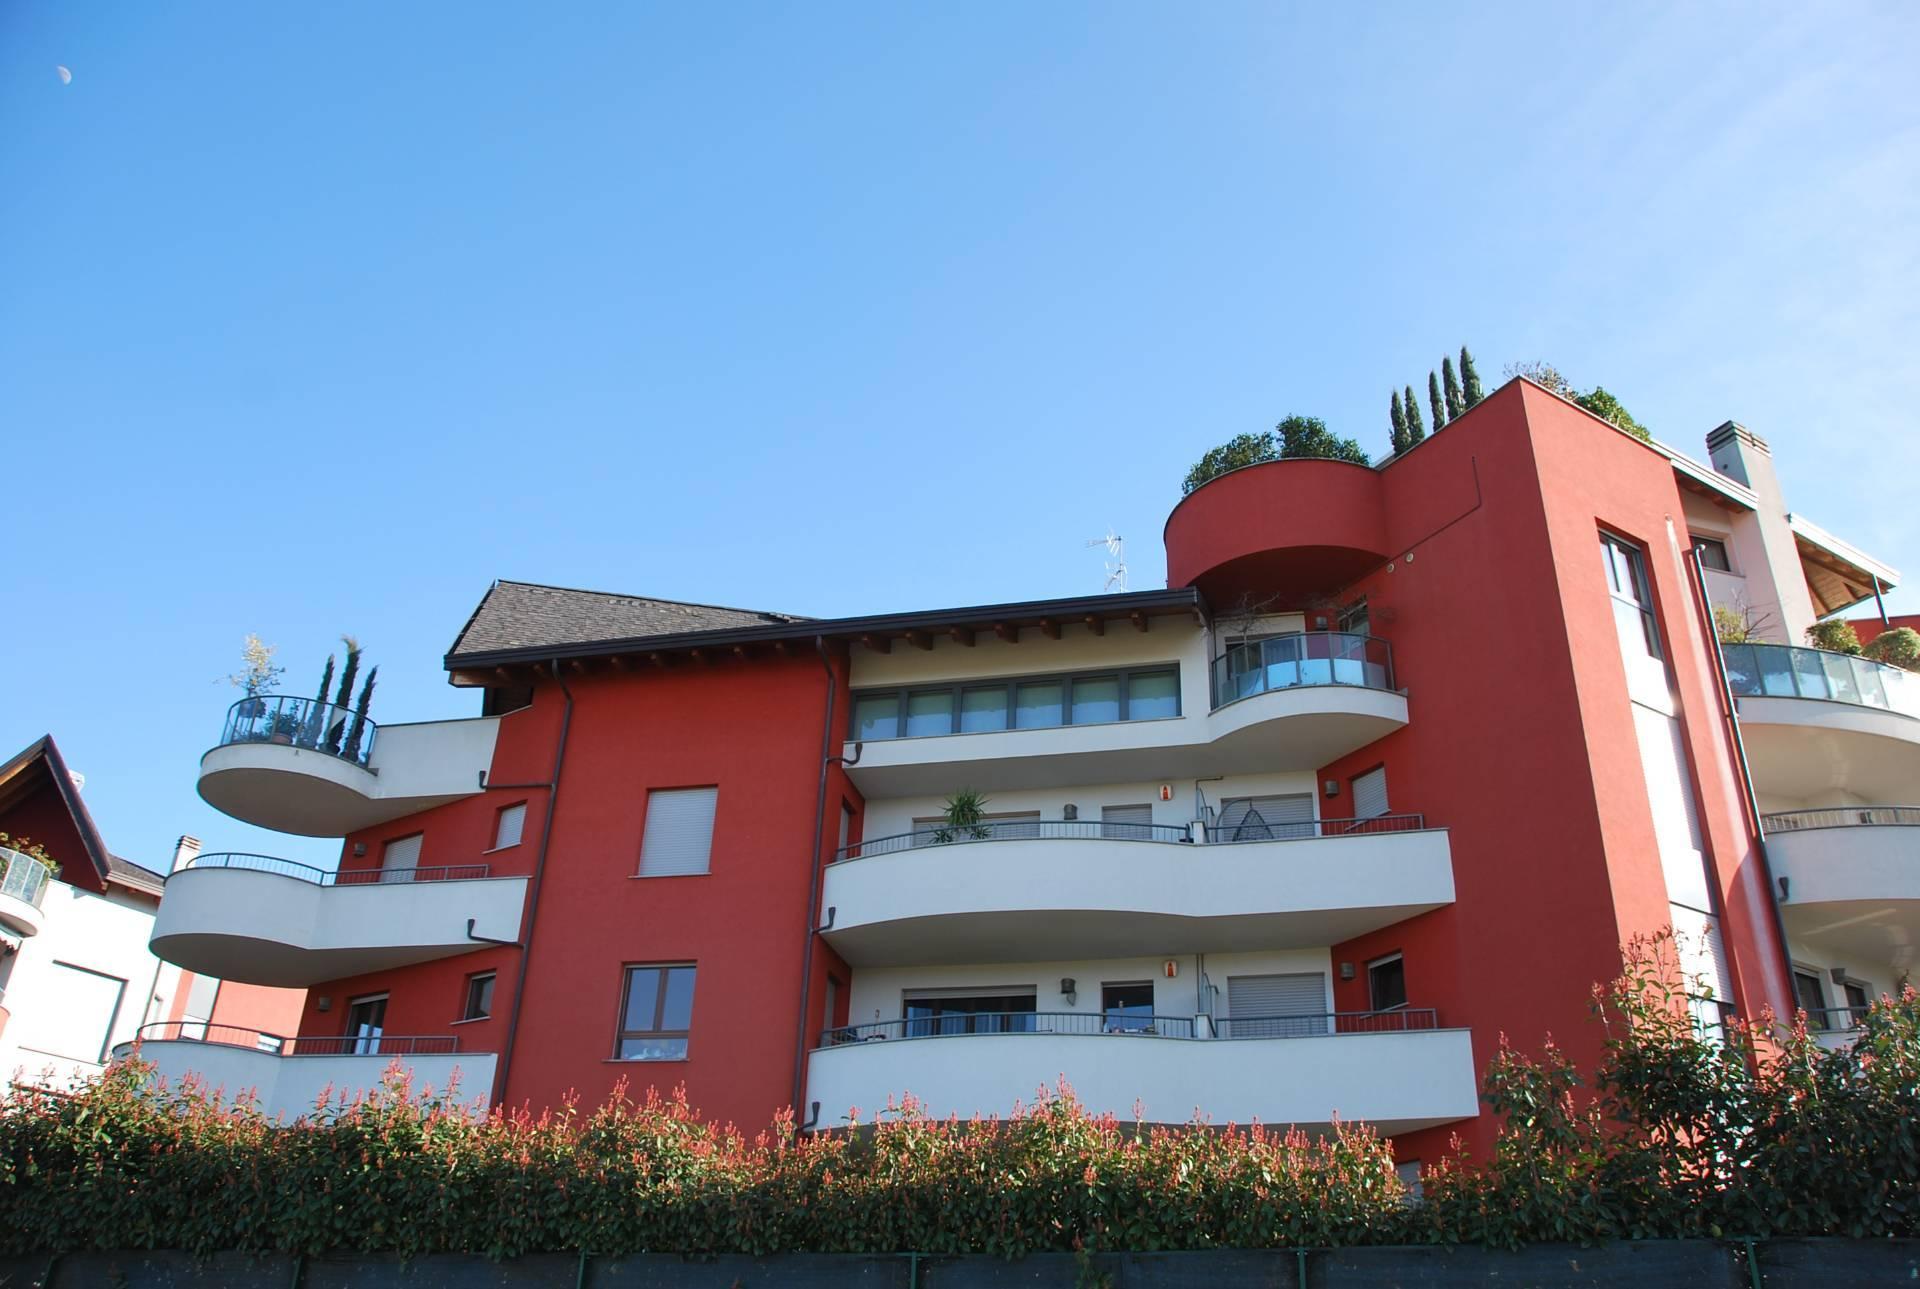 Appartamento in vendita a Legnano, 3 locali, zona Zona: Ospedale, prezzo € 215.000   CambioCasa.it